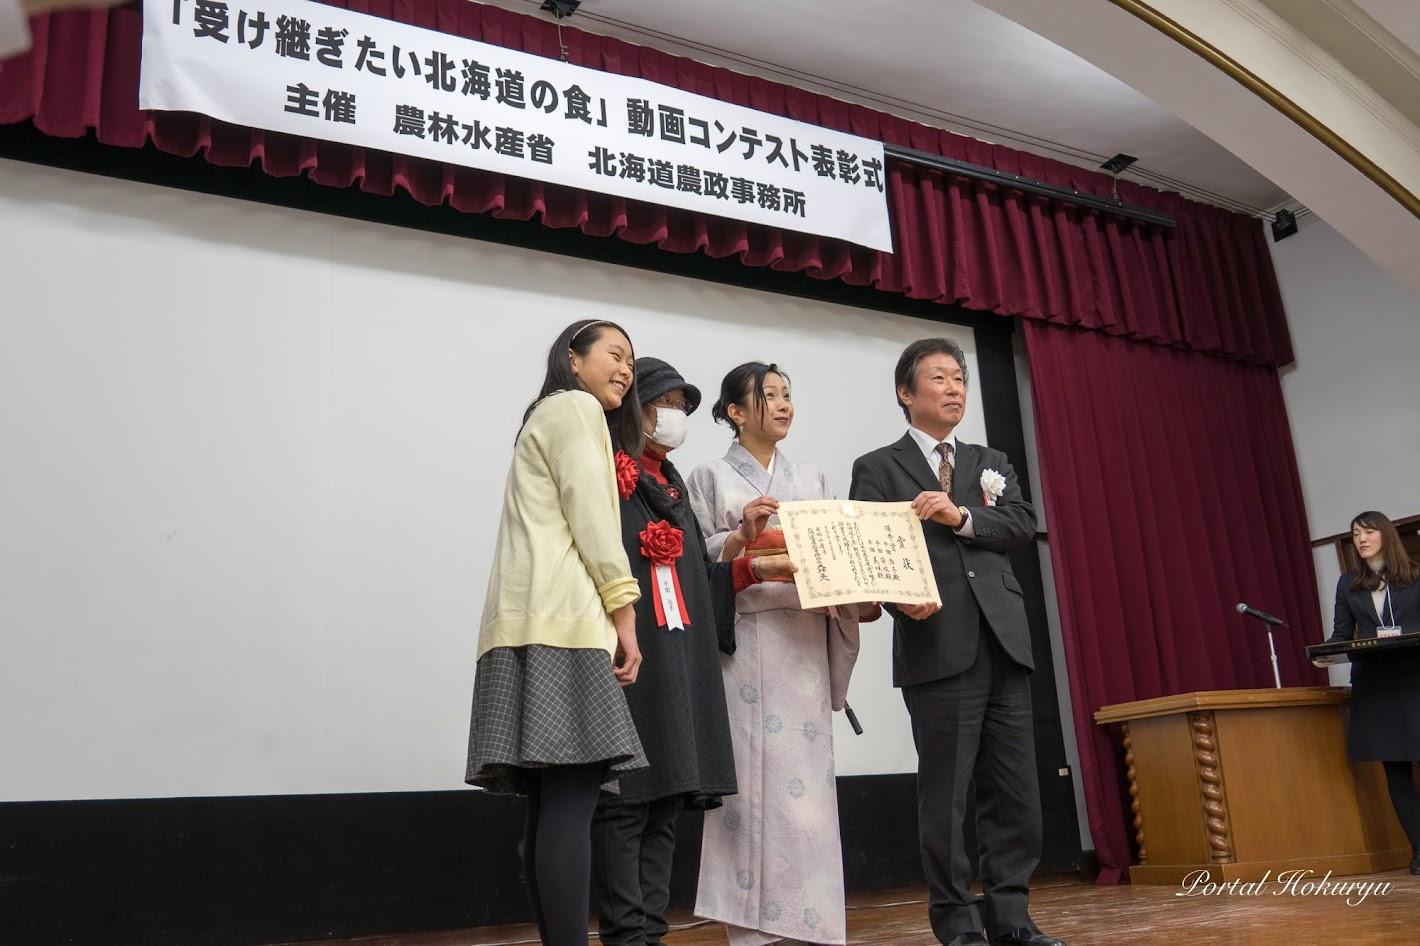 千田 治子さん、千田 安枝さん、千田 美咲さん(北海道札幌市)